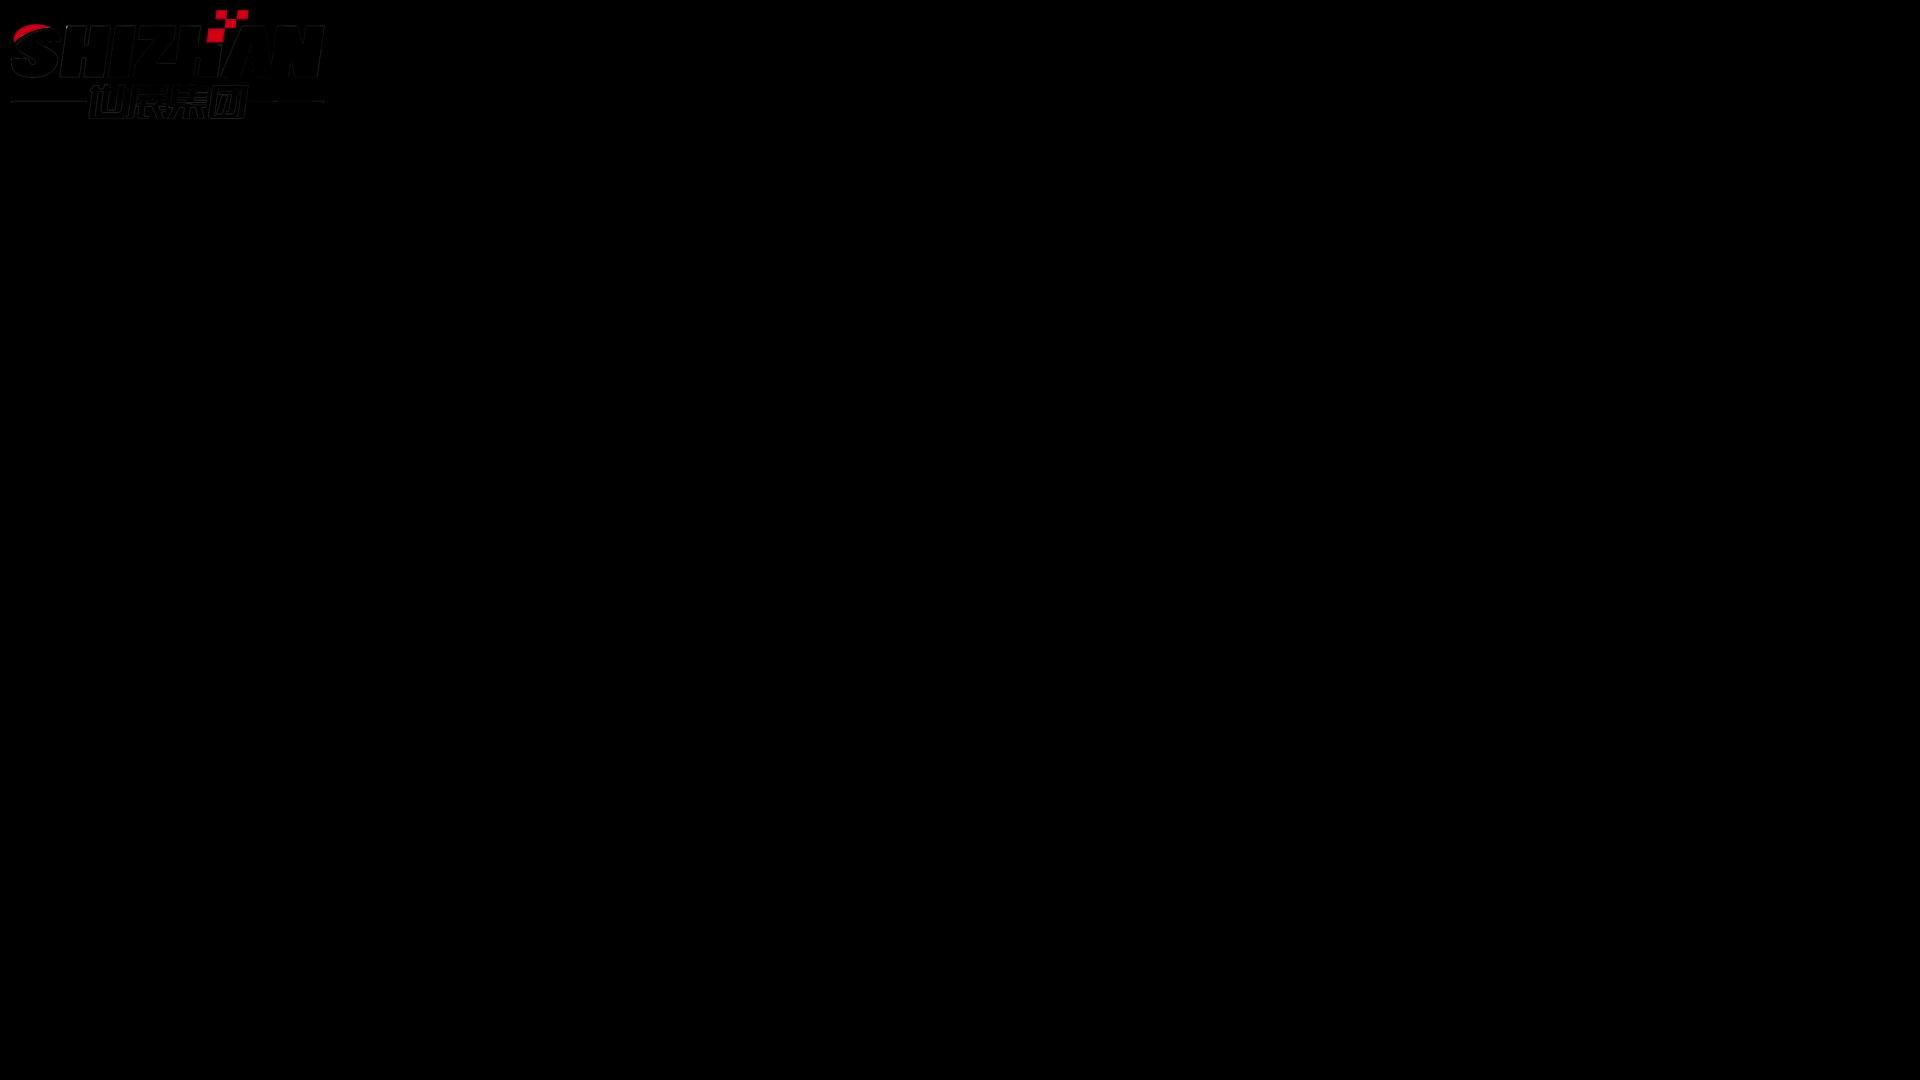 แฟชั่นแสดงหัวจุกกลางแจ้งคอนเสิร์ต Universal อลูมิเนียม DJ บูธแสง Truss